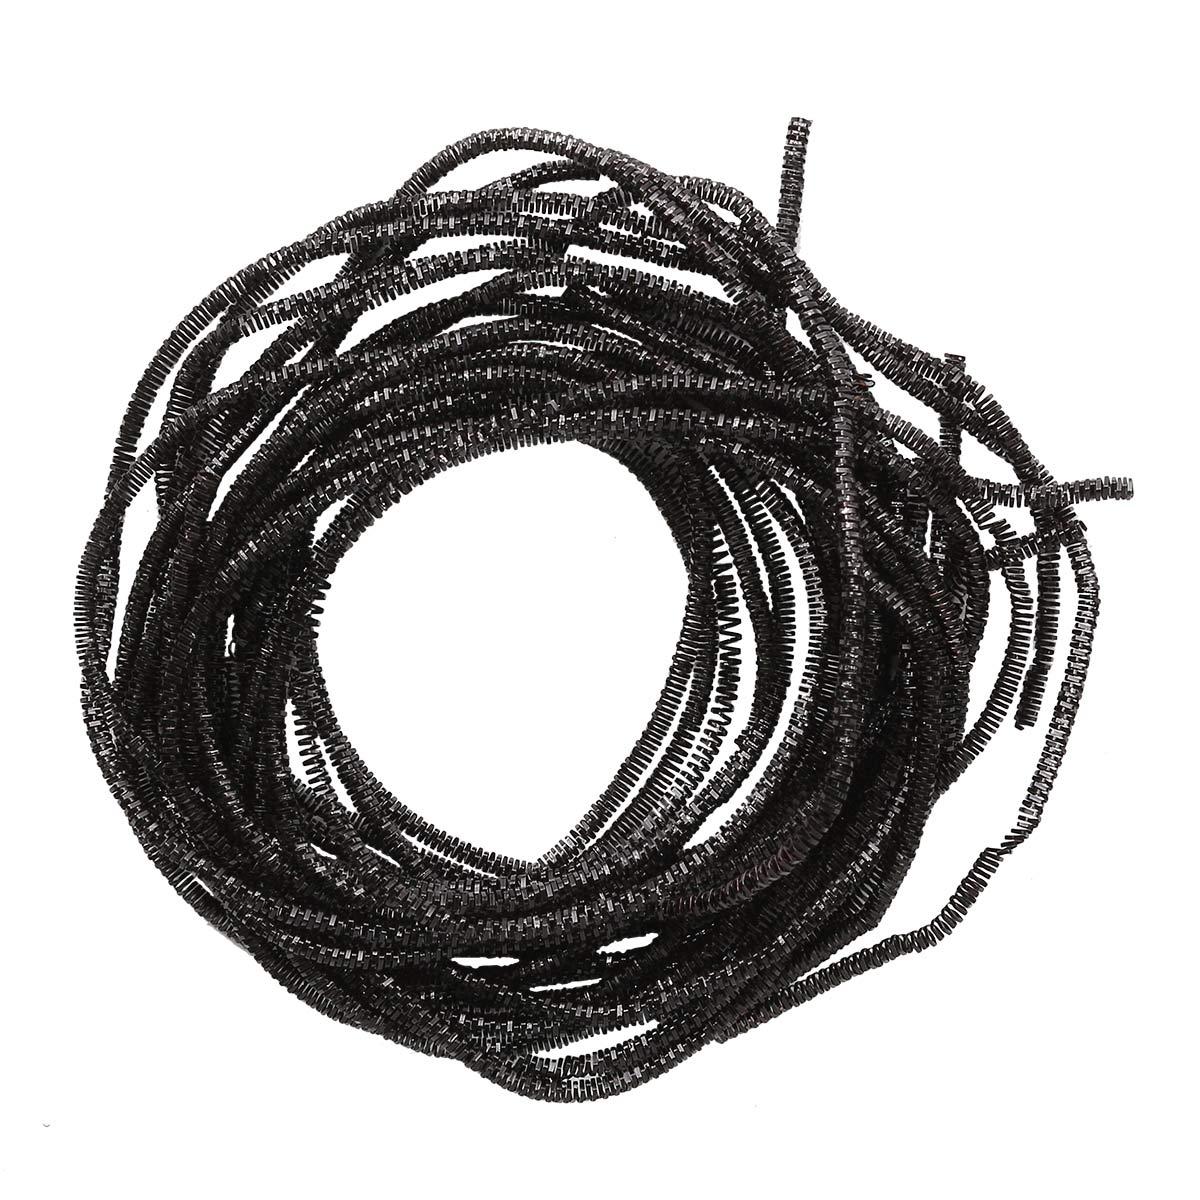 ТК023НН1 Трунцал медный,черный 1,5 мм, 5 гр/упак Астра